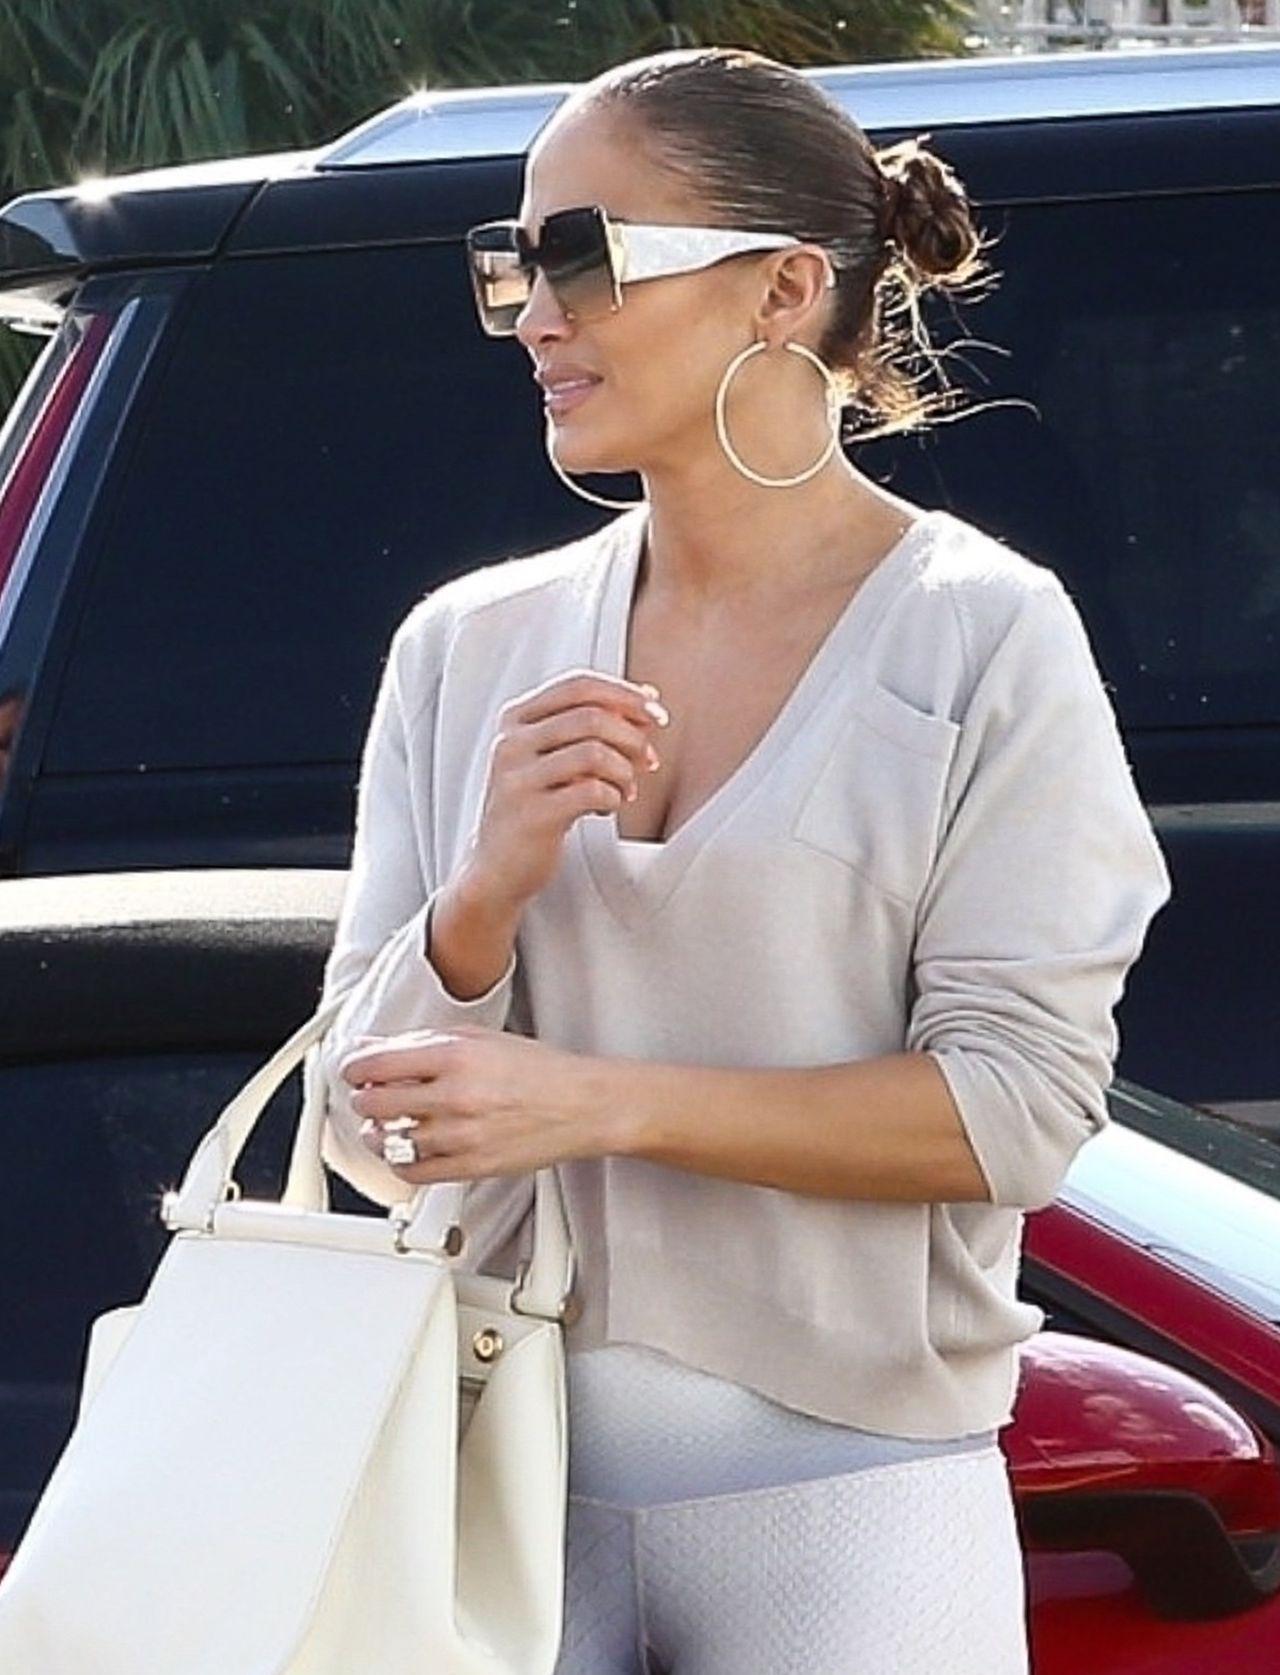 Są kobiety, które W ŻYCIU nie założyłyby krótkiego swetra do takich legginsów! Jennifer Lopez ma to w nosie